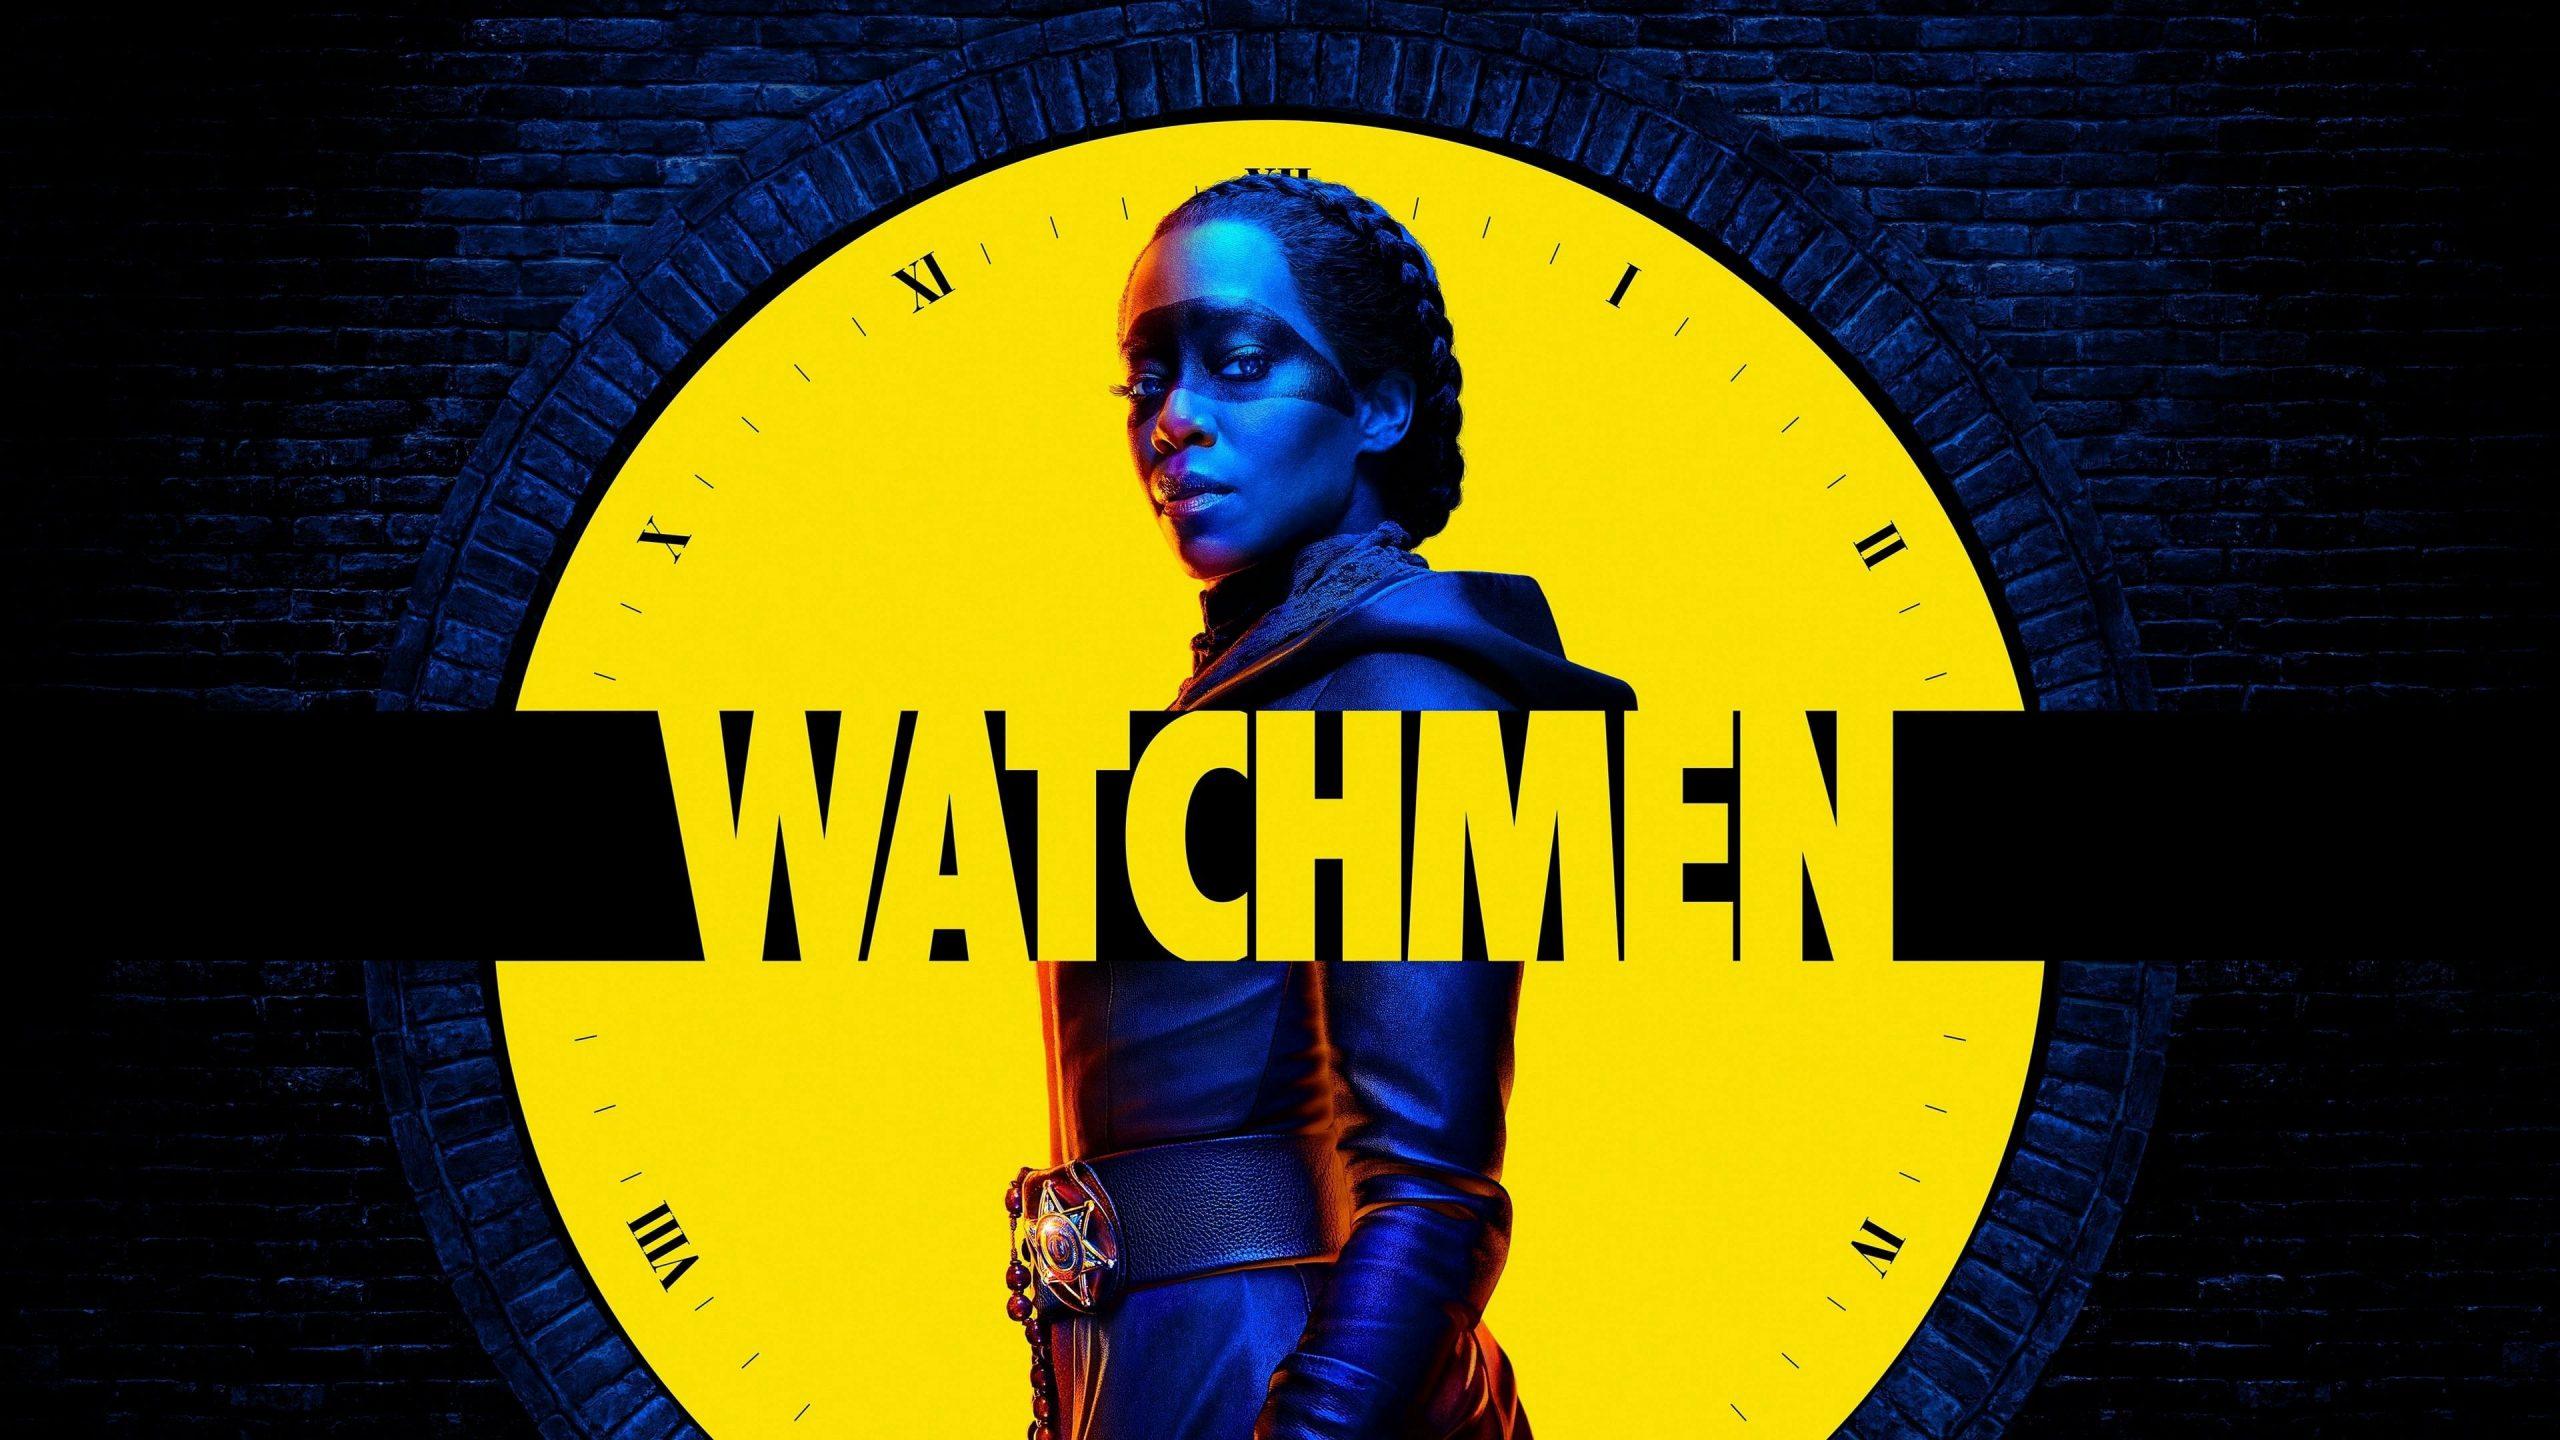 Watchmen/HBO